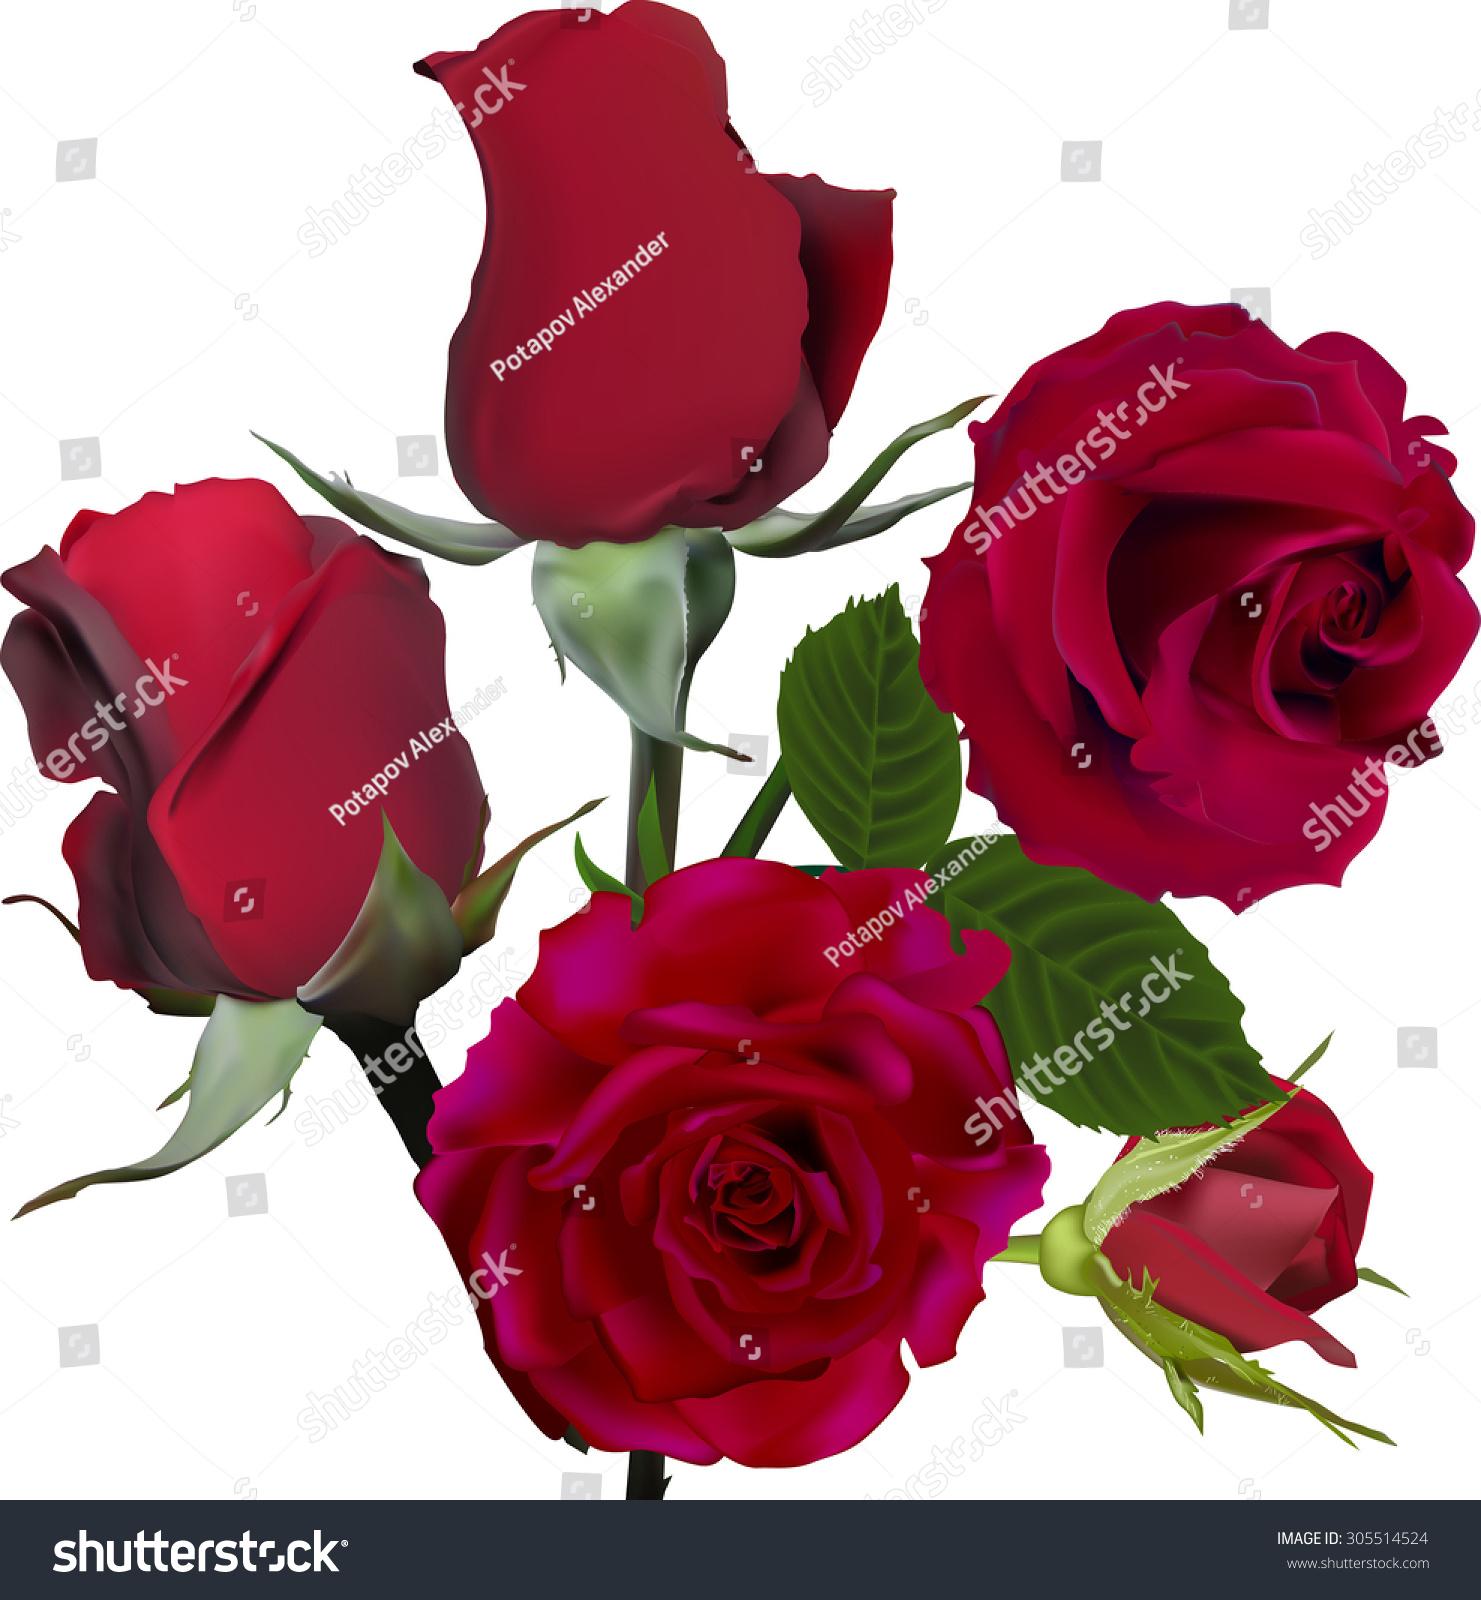 白色背景下玫瑰花的插图-自然-海洛创意(hellorf)--.